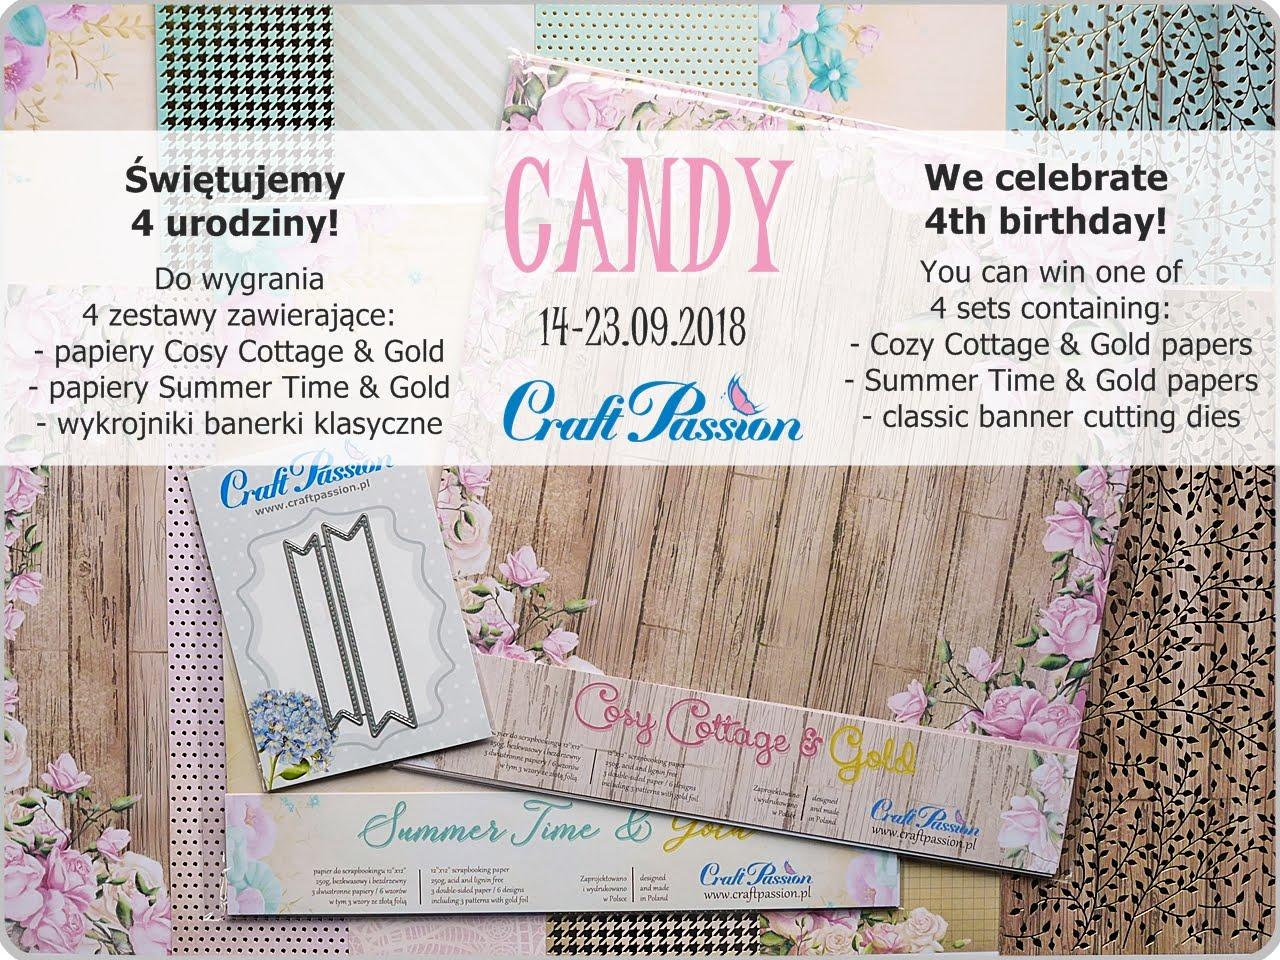 Candy z okazji 4 urodzin Craft Passion